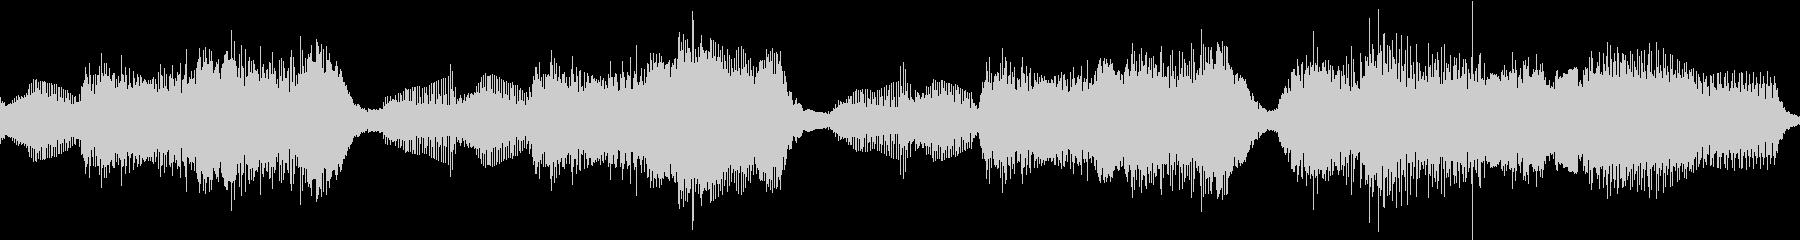 【ハロウィン風】オルガンとベル ループの未再生の波形